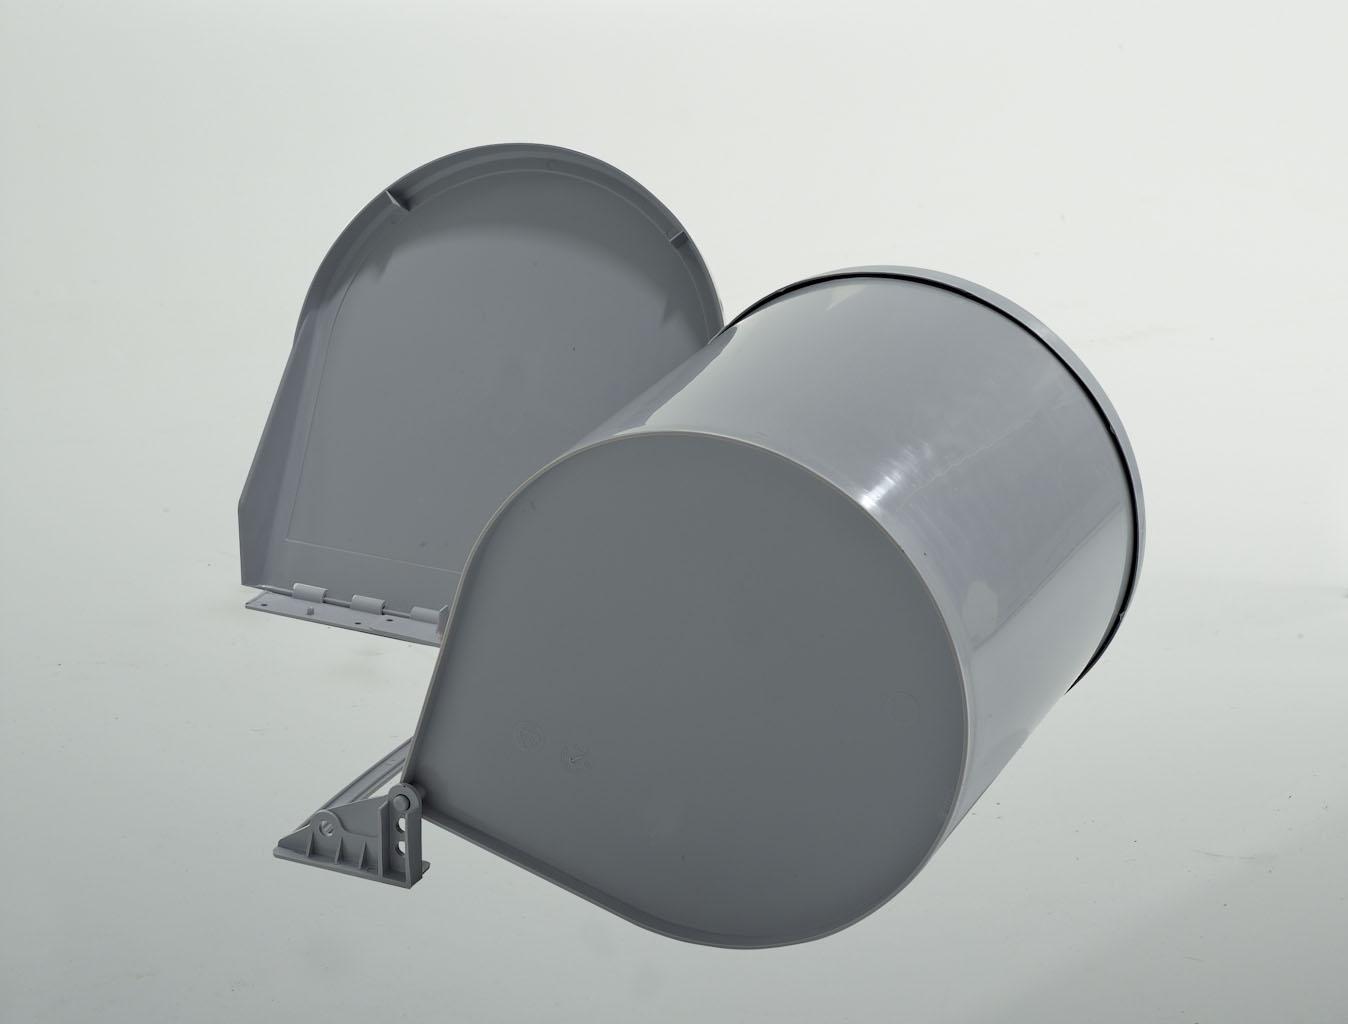 Відро для сміття RING 10л відкривається  тросиком  (265х320мм), нерж.сталь+пластик